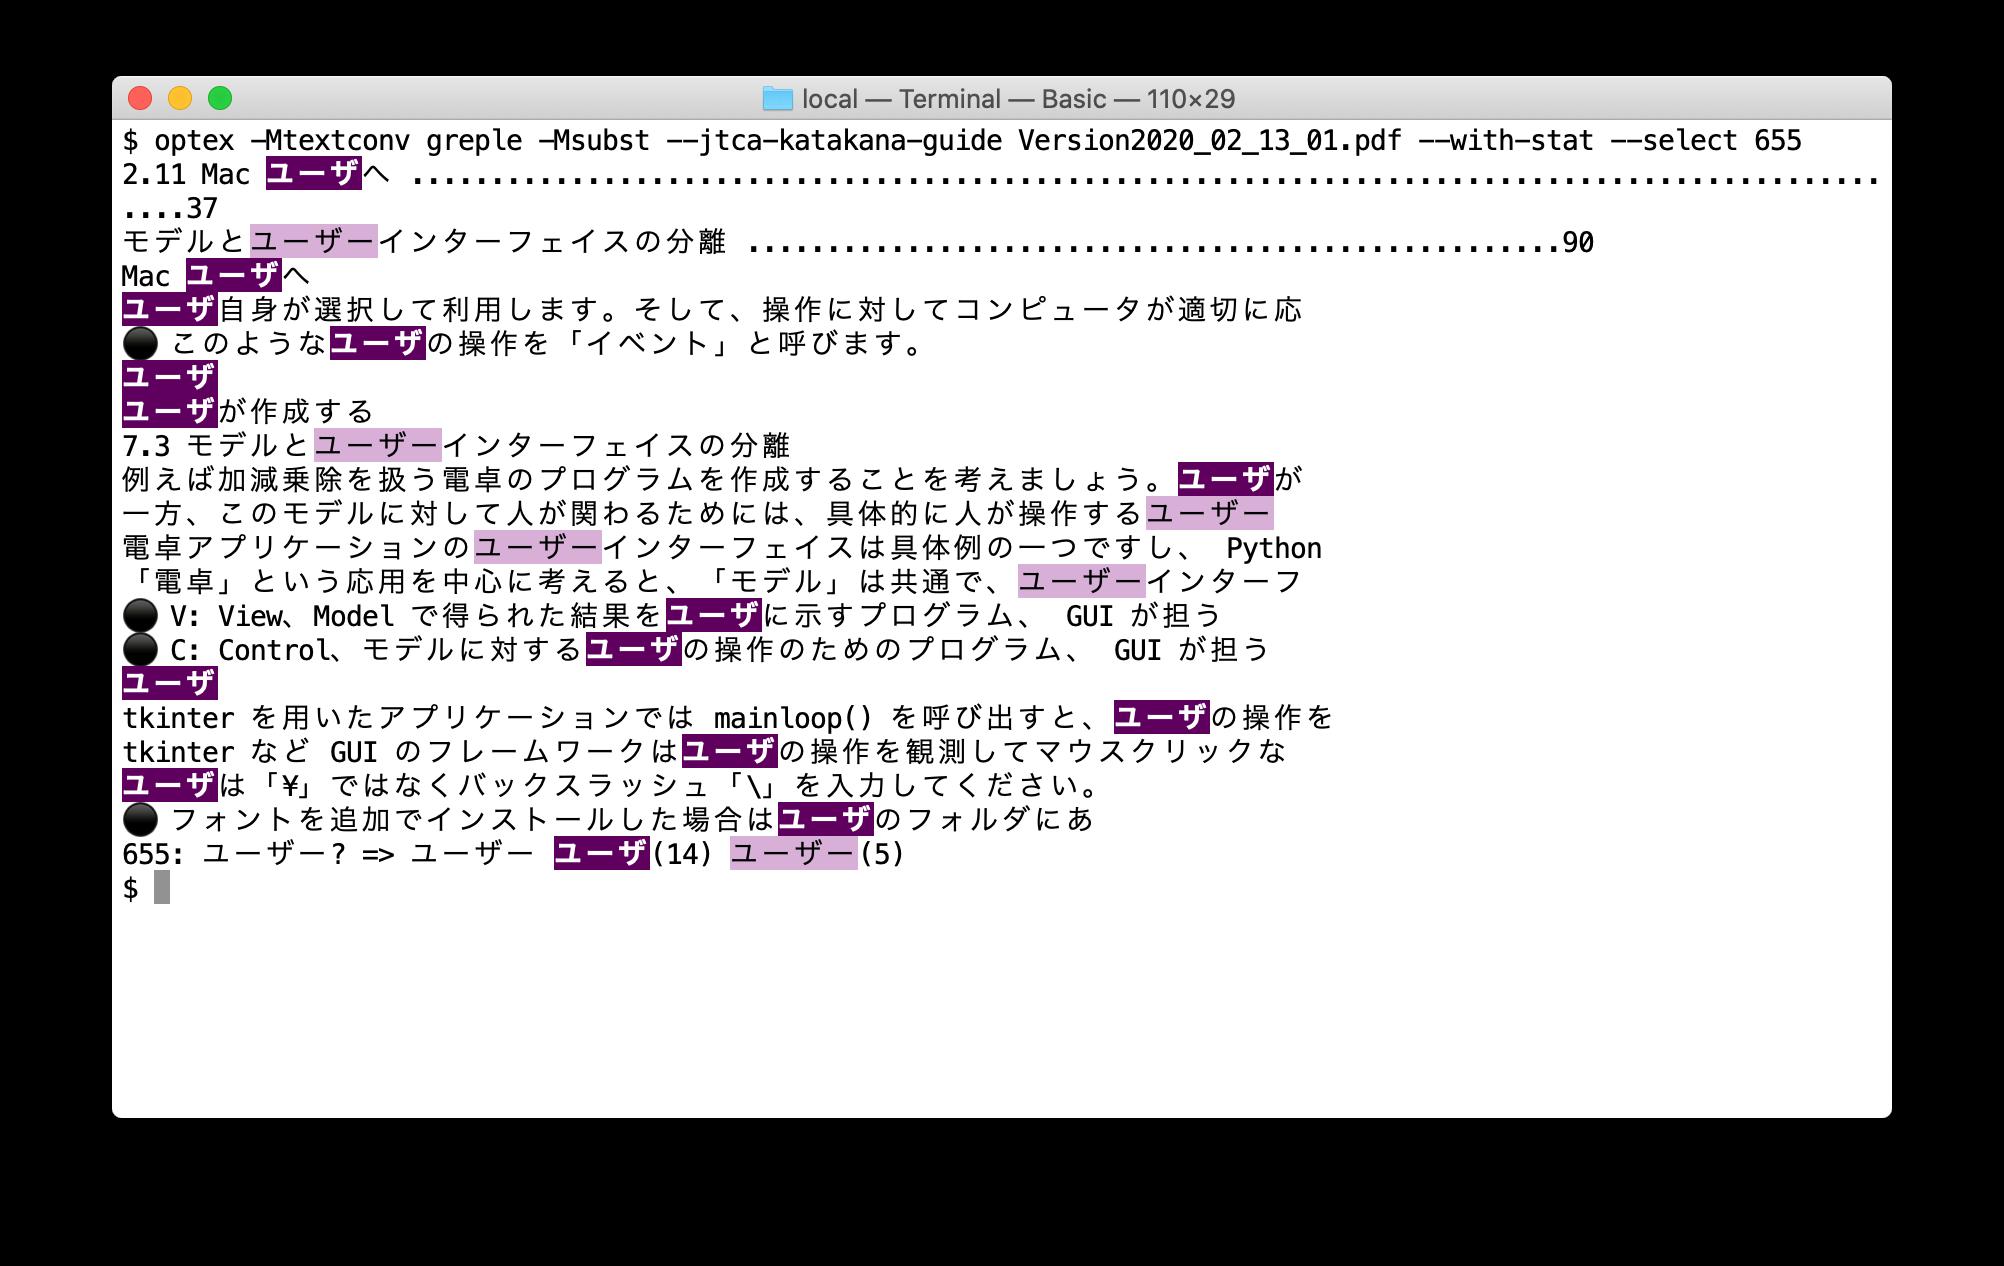 スクリーンショット 2020-03-02 12.58.59.png